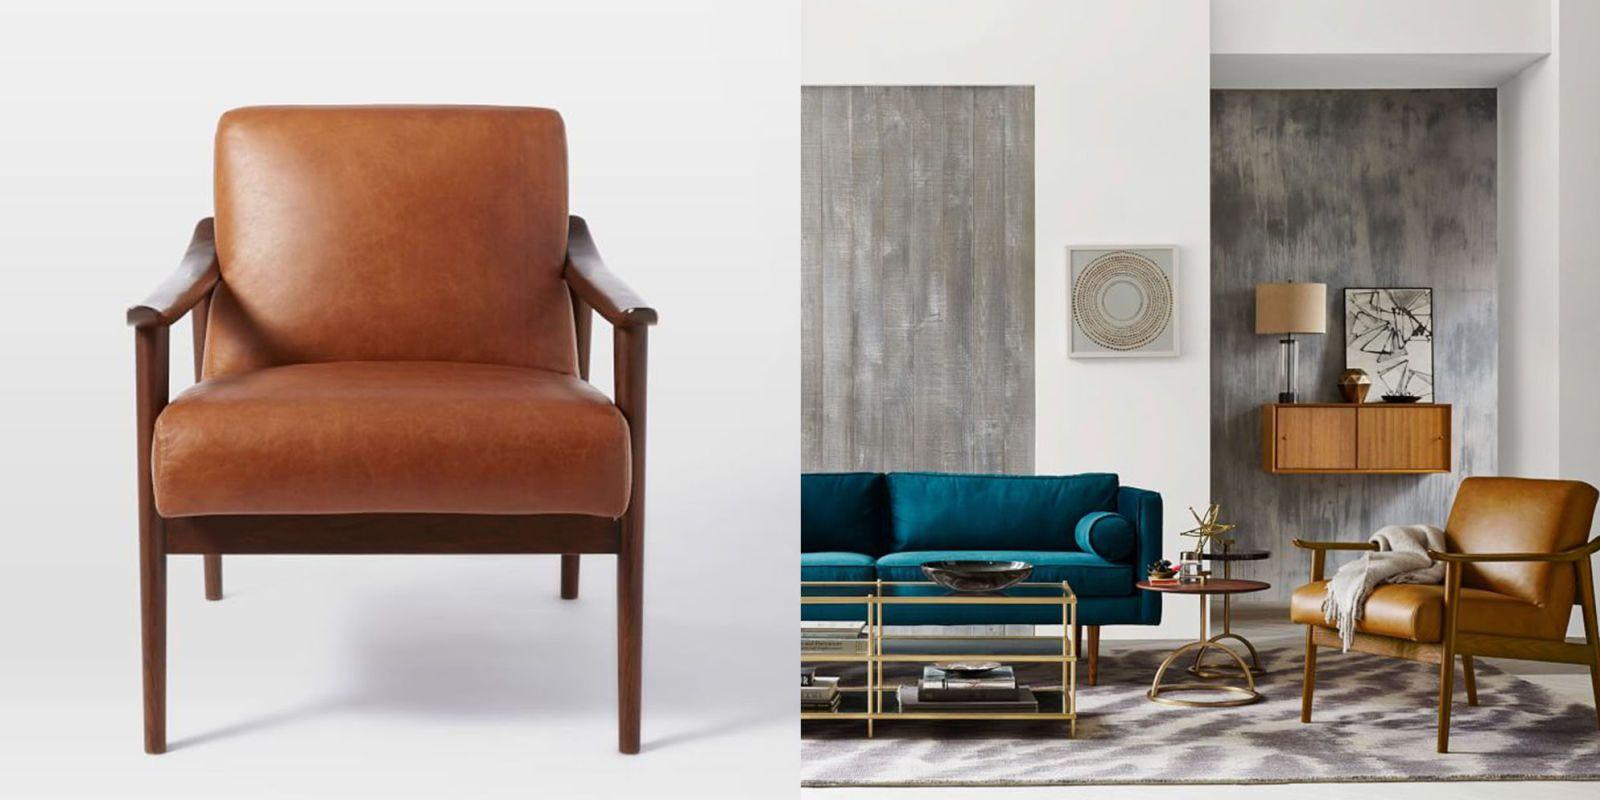 10 Best Mid Century Modern Chairs 2016 Chic Mid Century Modern Arm